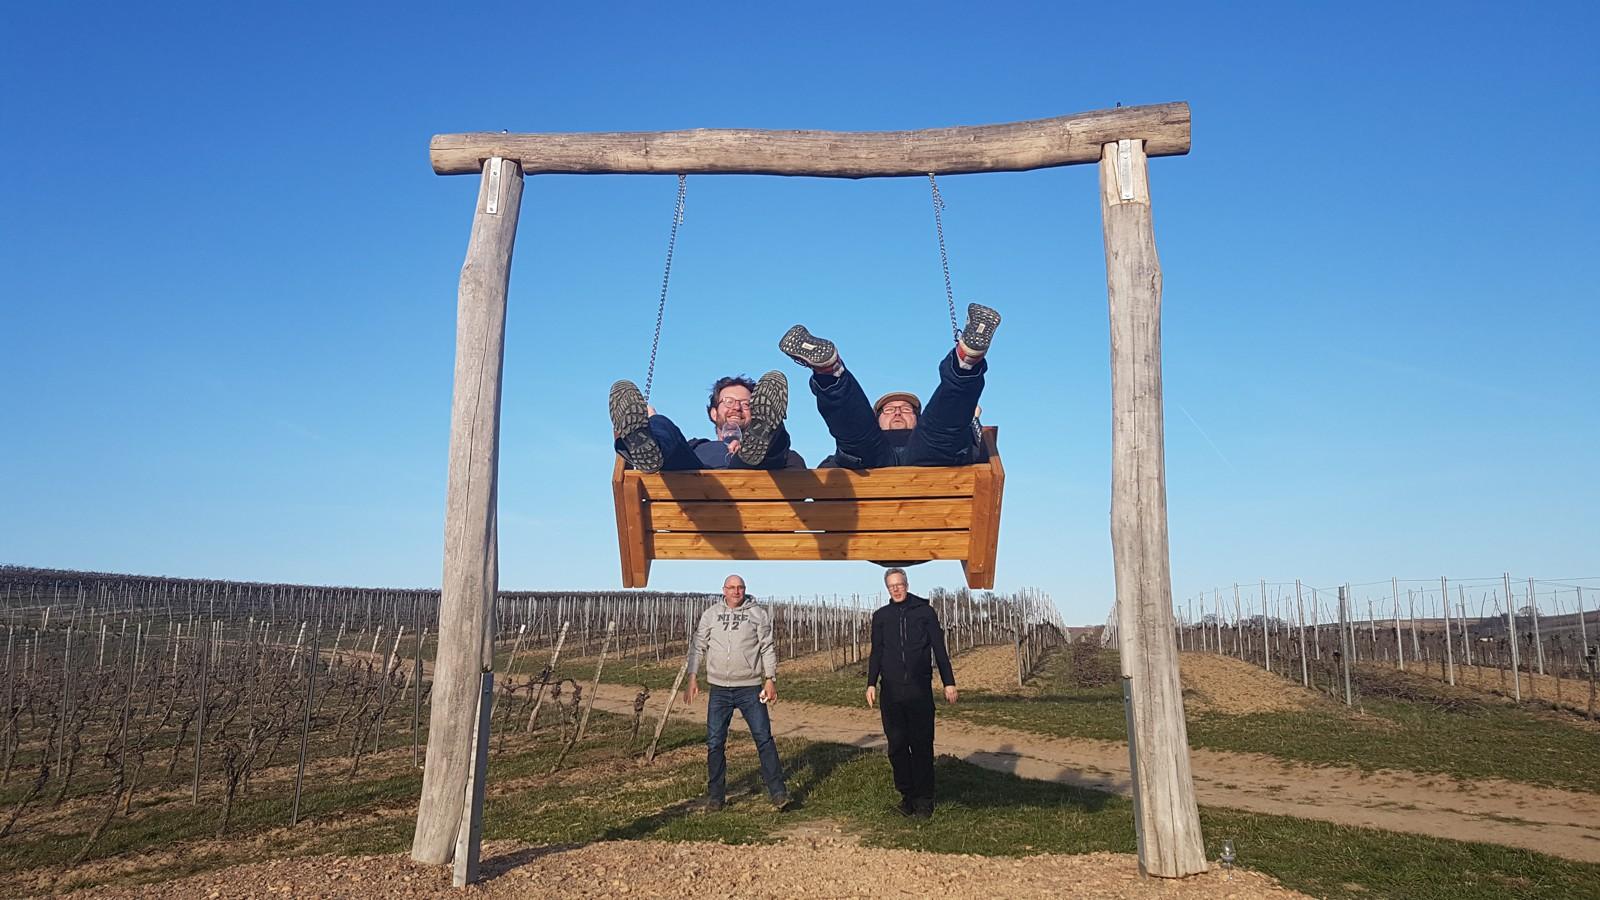 Weinbergsschaukel am Tisch des Weines in Horrweiler